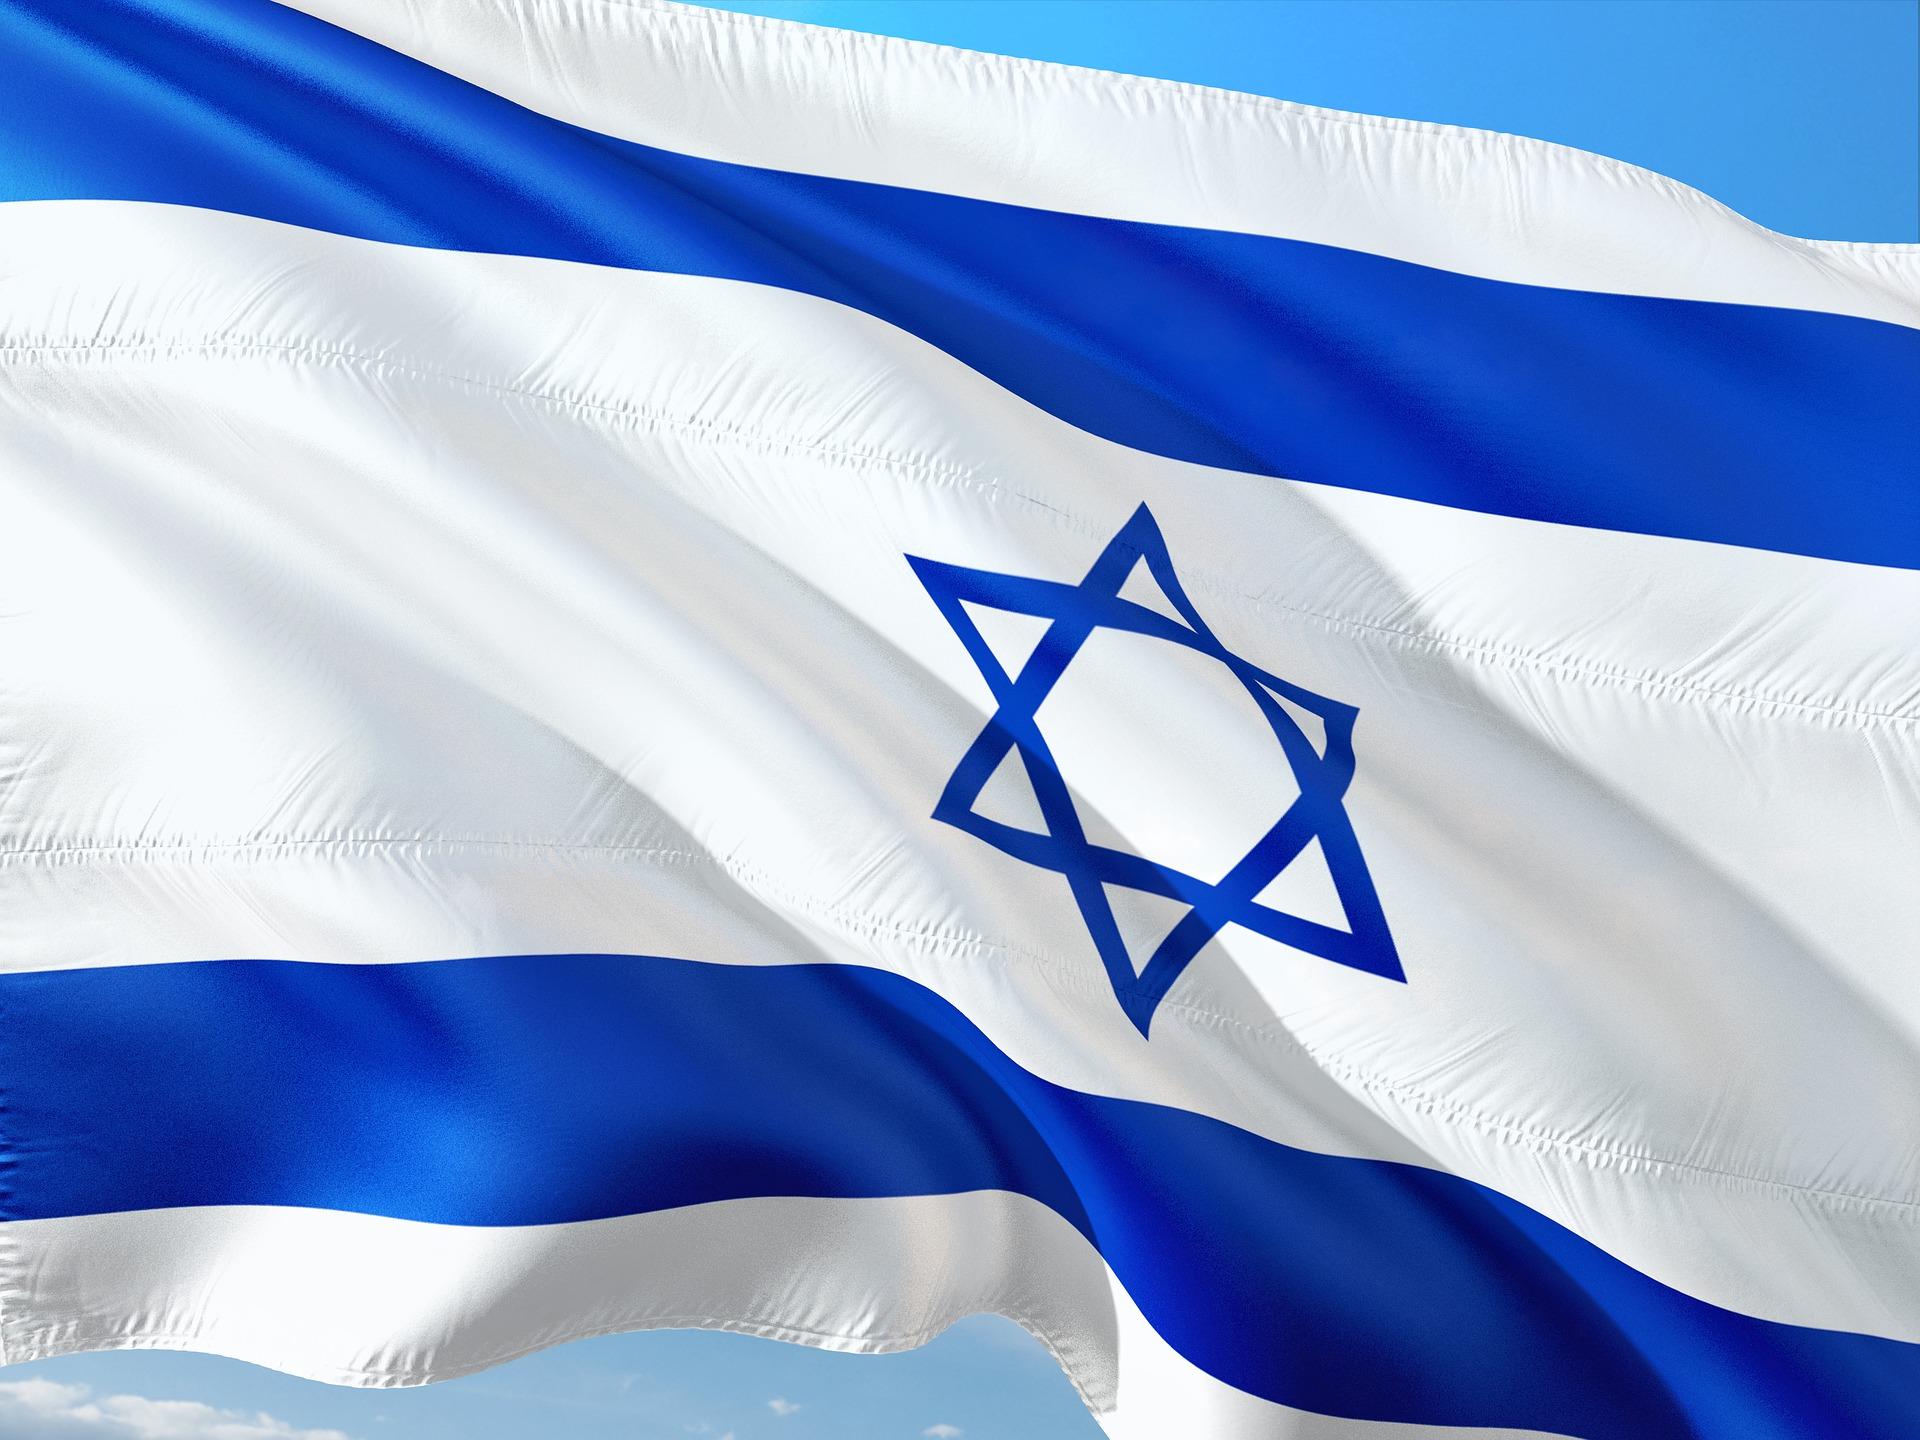 Izraelska agencja wywiadowcza Mossad chce zatrudnić eksperta od kryptowalut